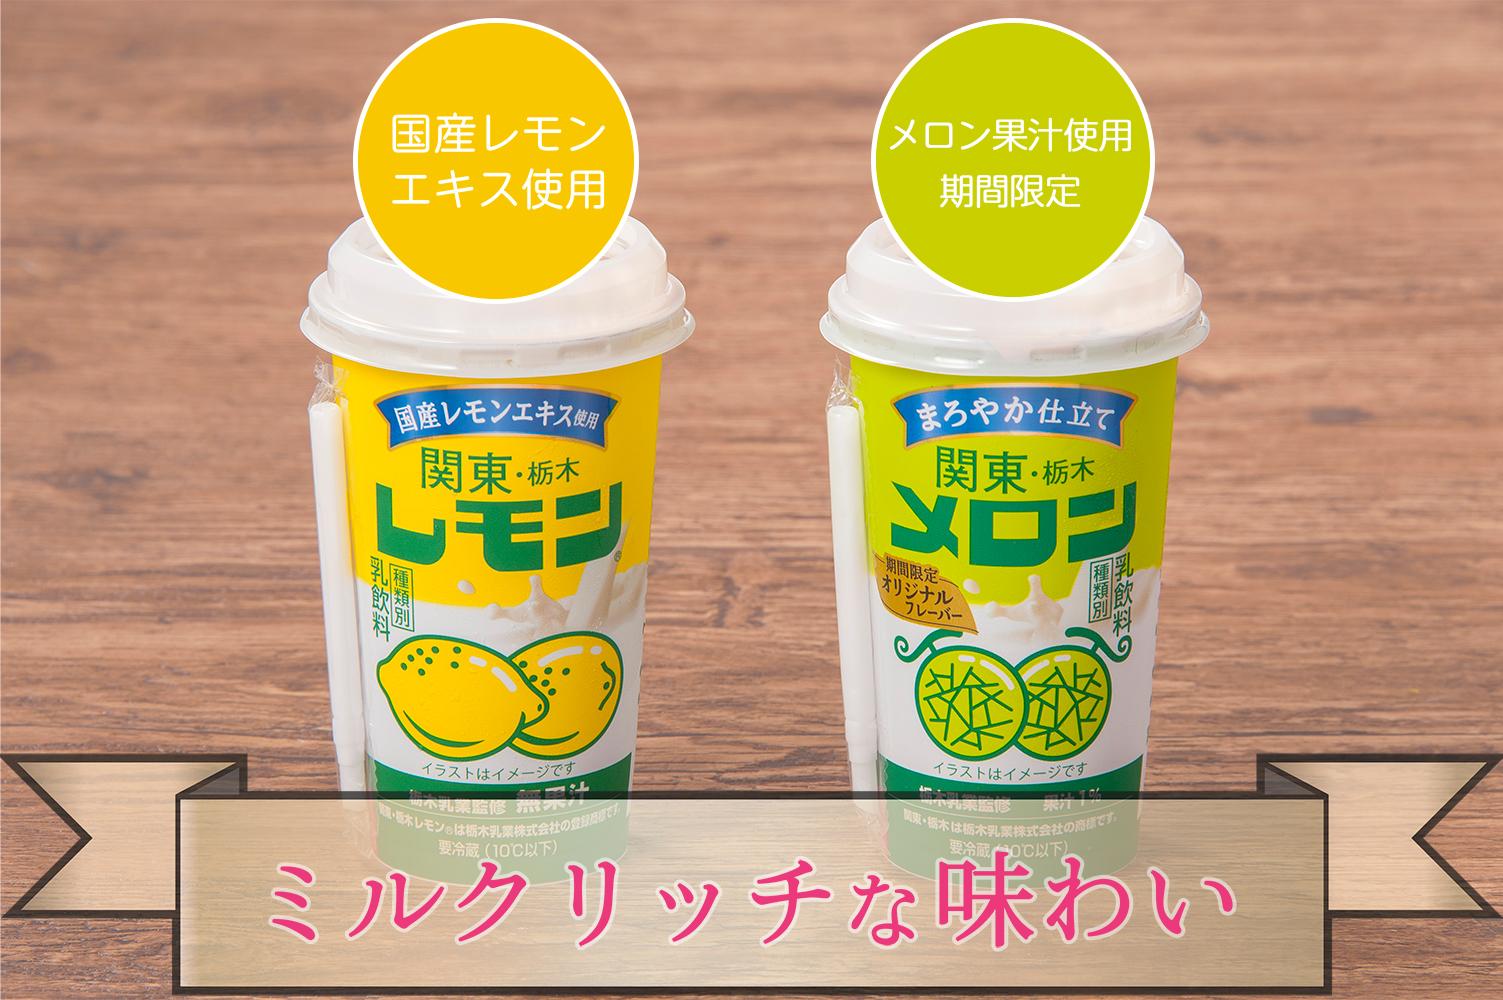 「関東・栃木レモン200g」・「関東・栃木メロン200g」期間限定発売